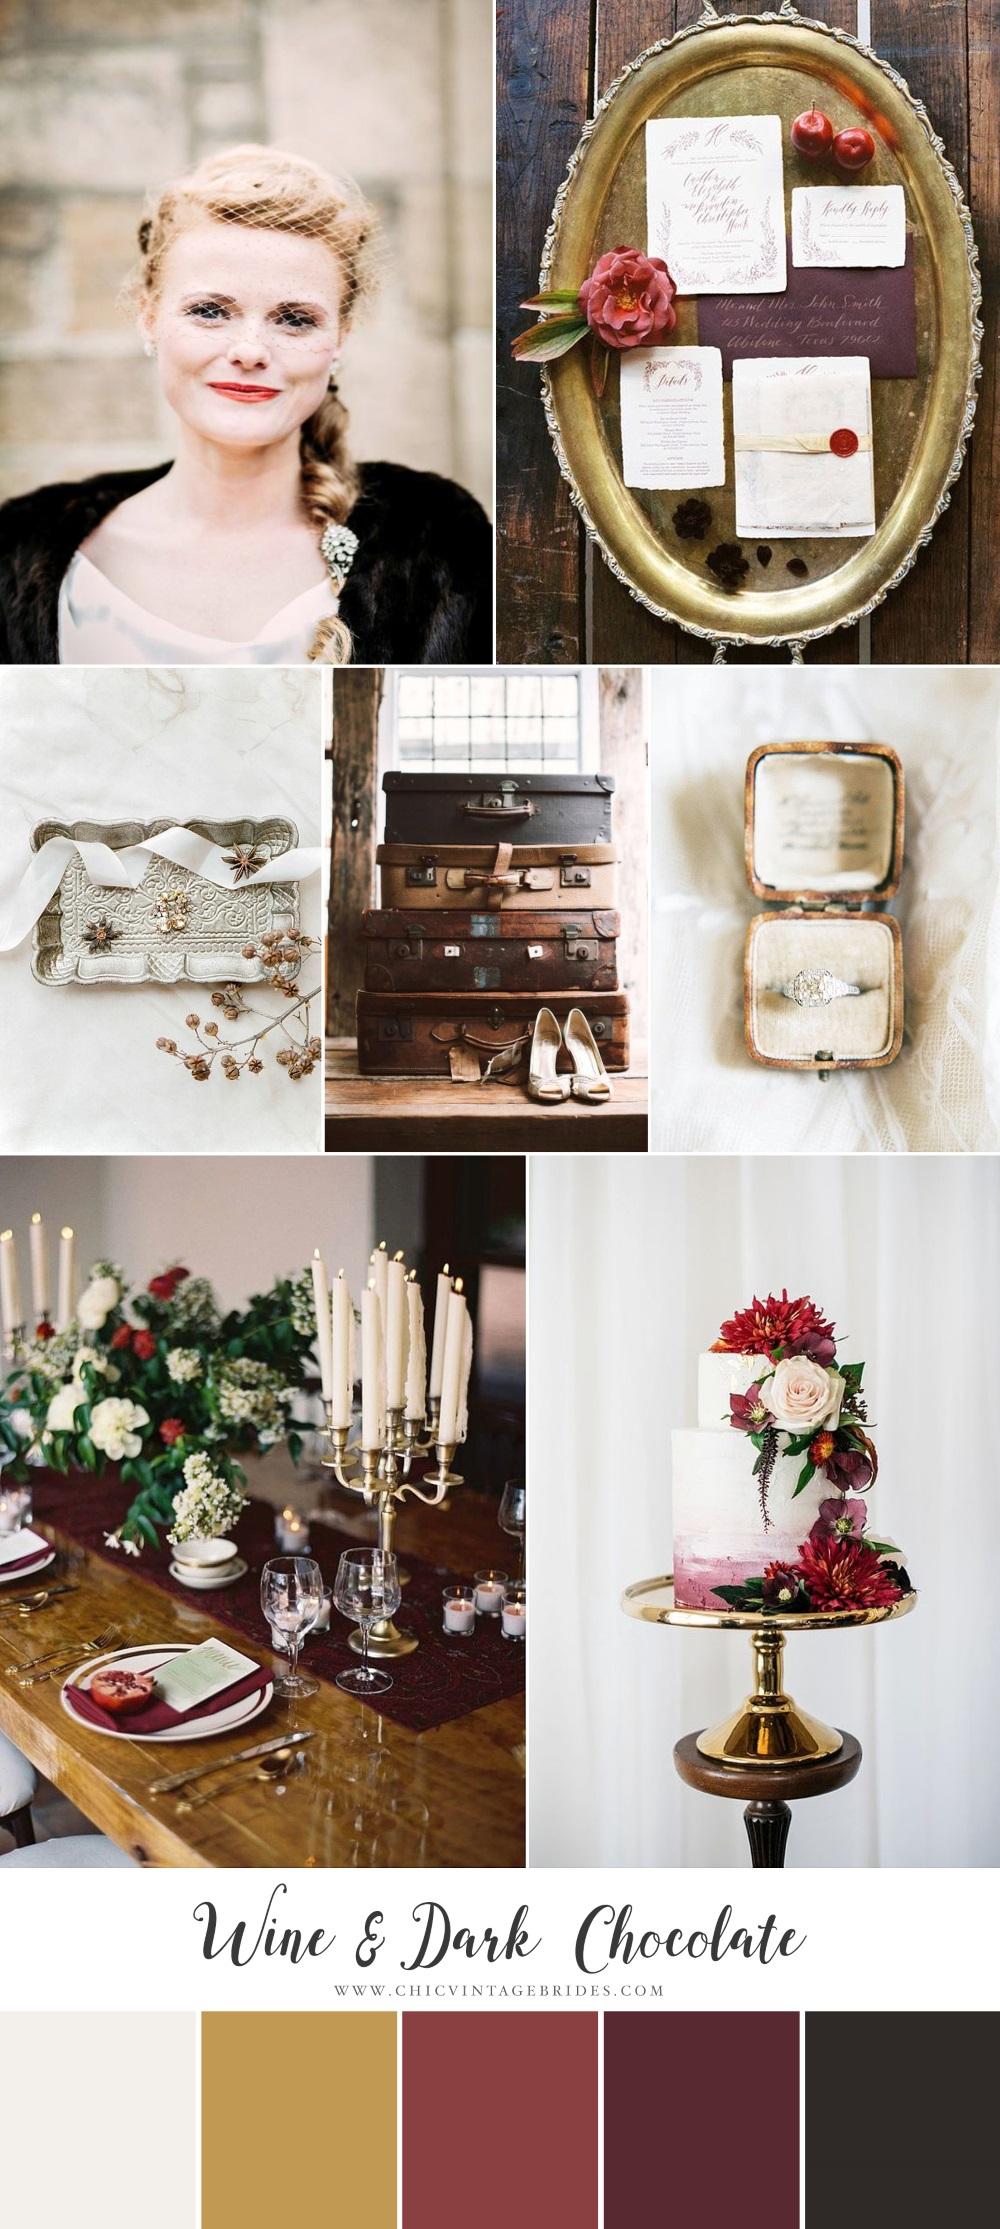 Wine & Dark Chocolate - Winter Wedding Inspiration in Rich Red & Brown